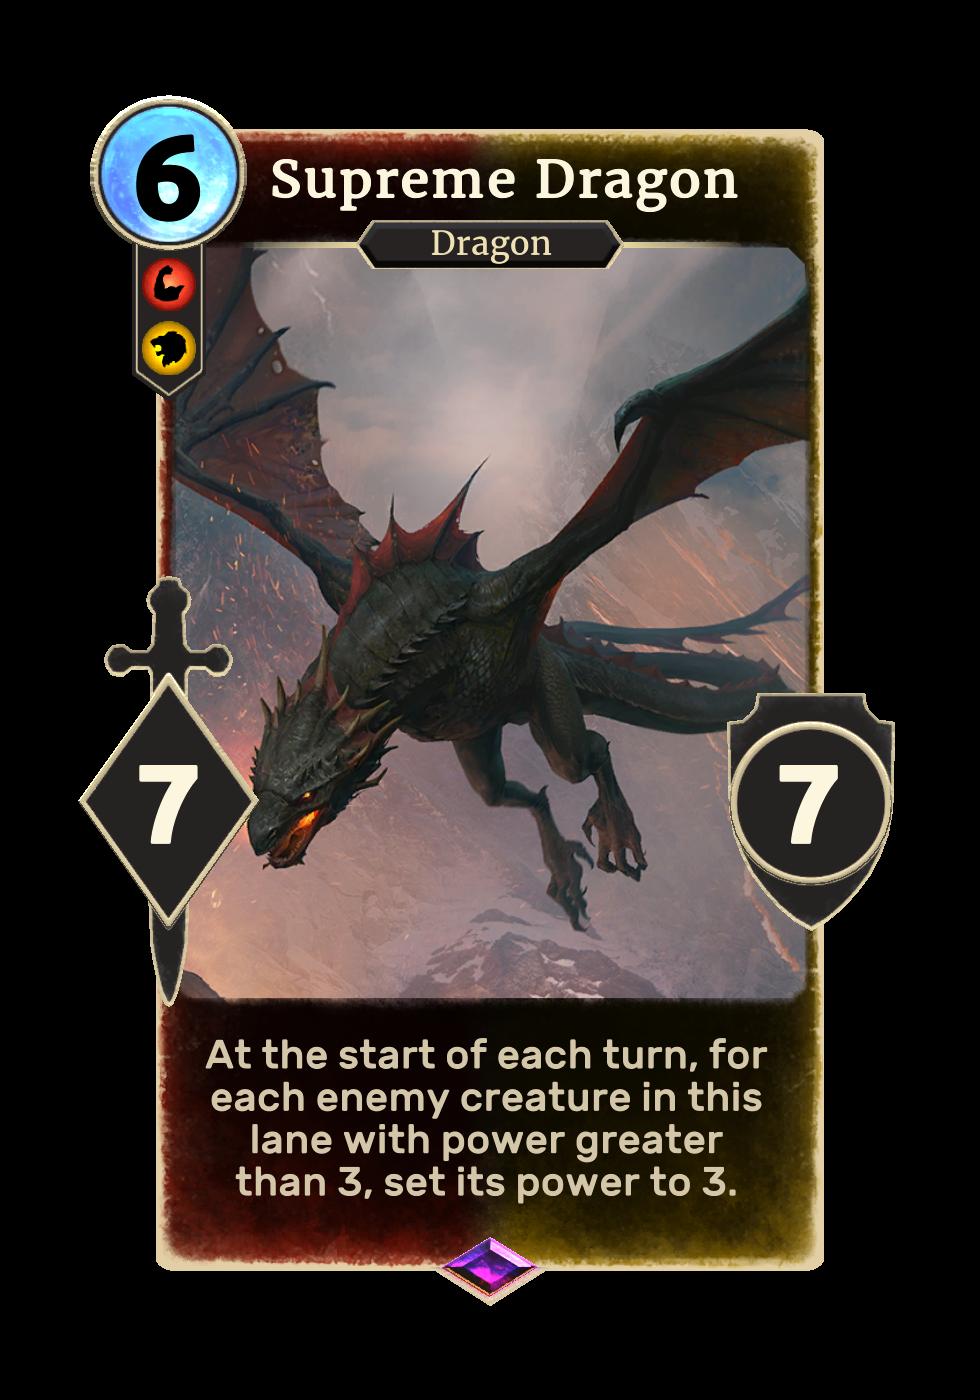 Supreme Dragon